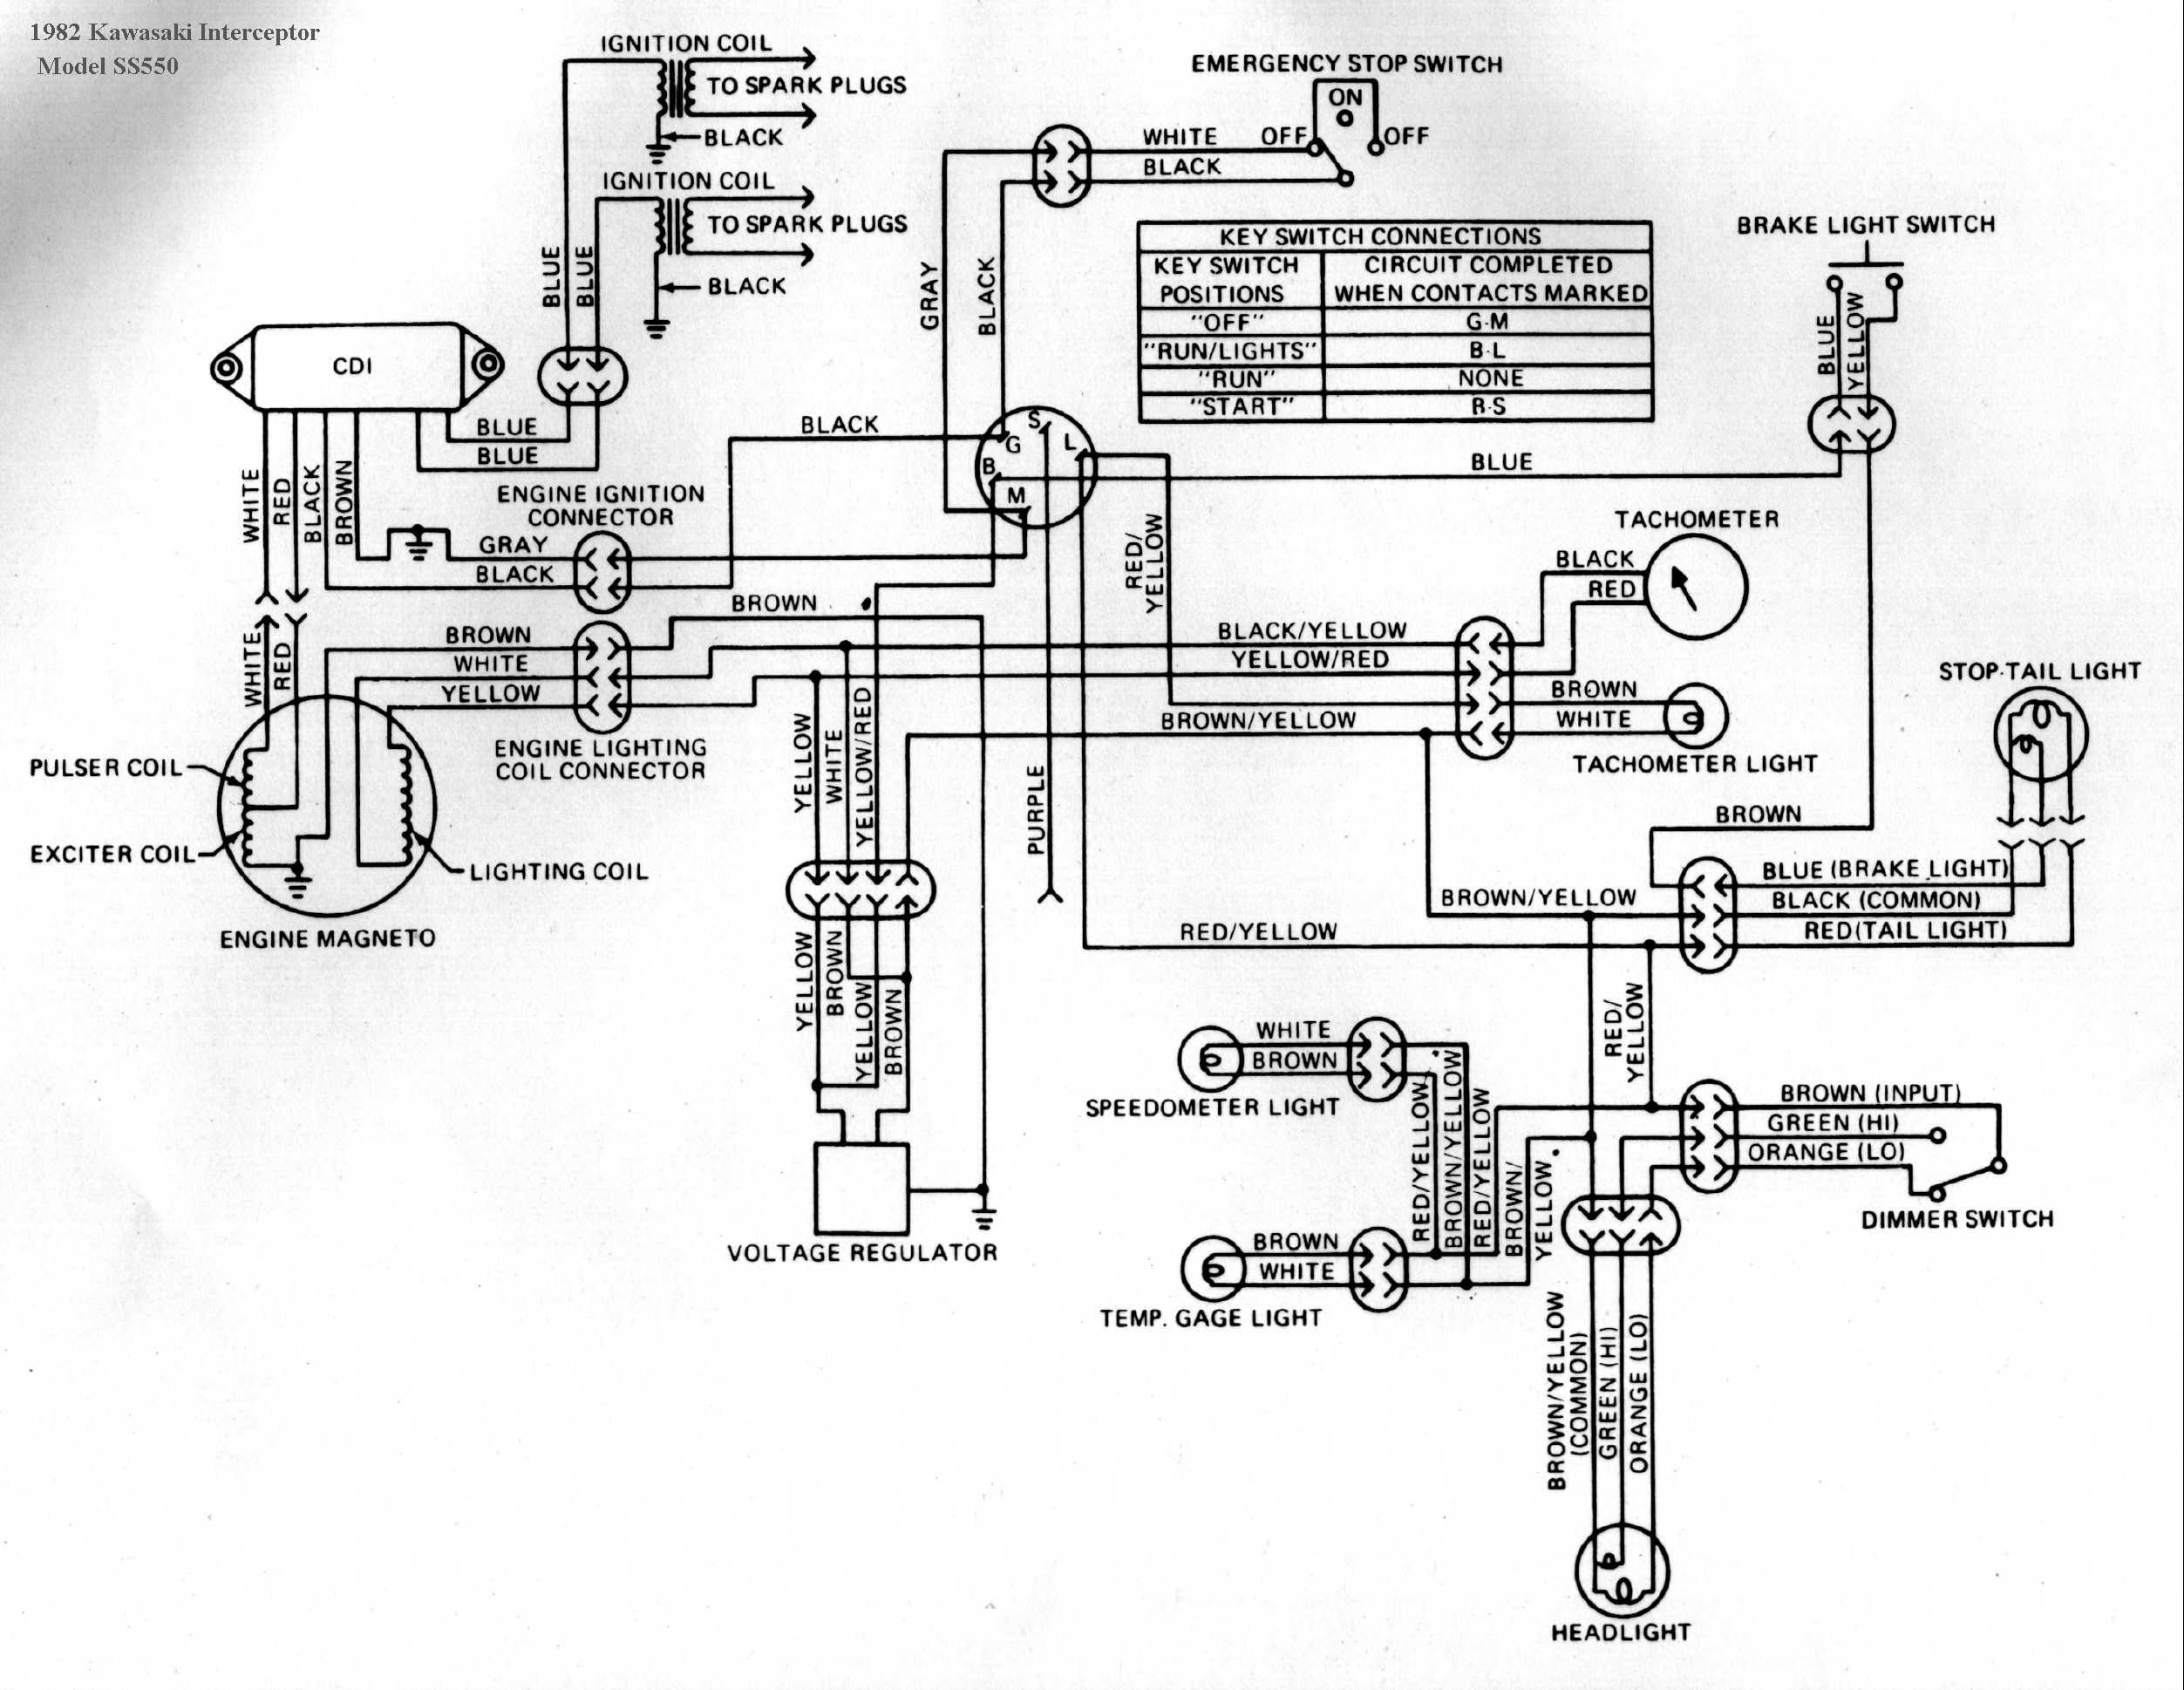 ski 550 wiring diagrams wiring diagram 1980 kz440 carburetor diagram kawasaki 440 wiring diagram #13